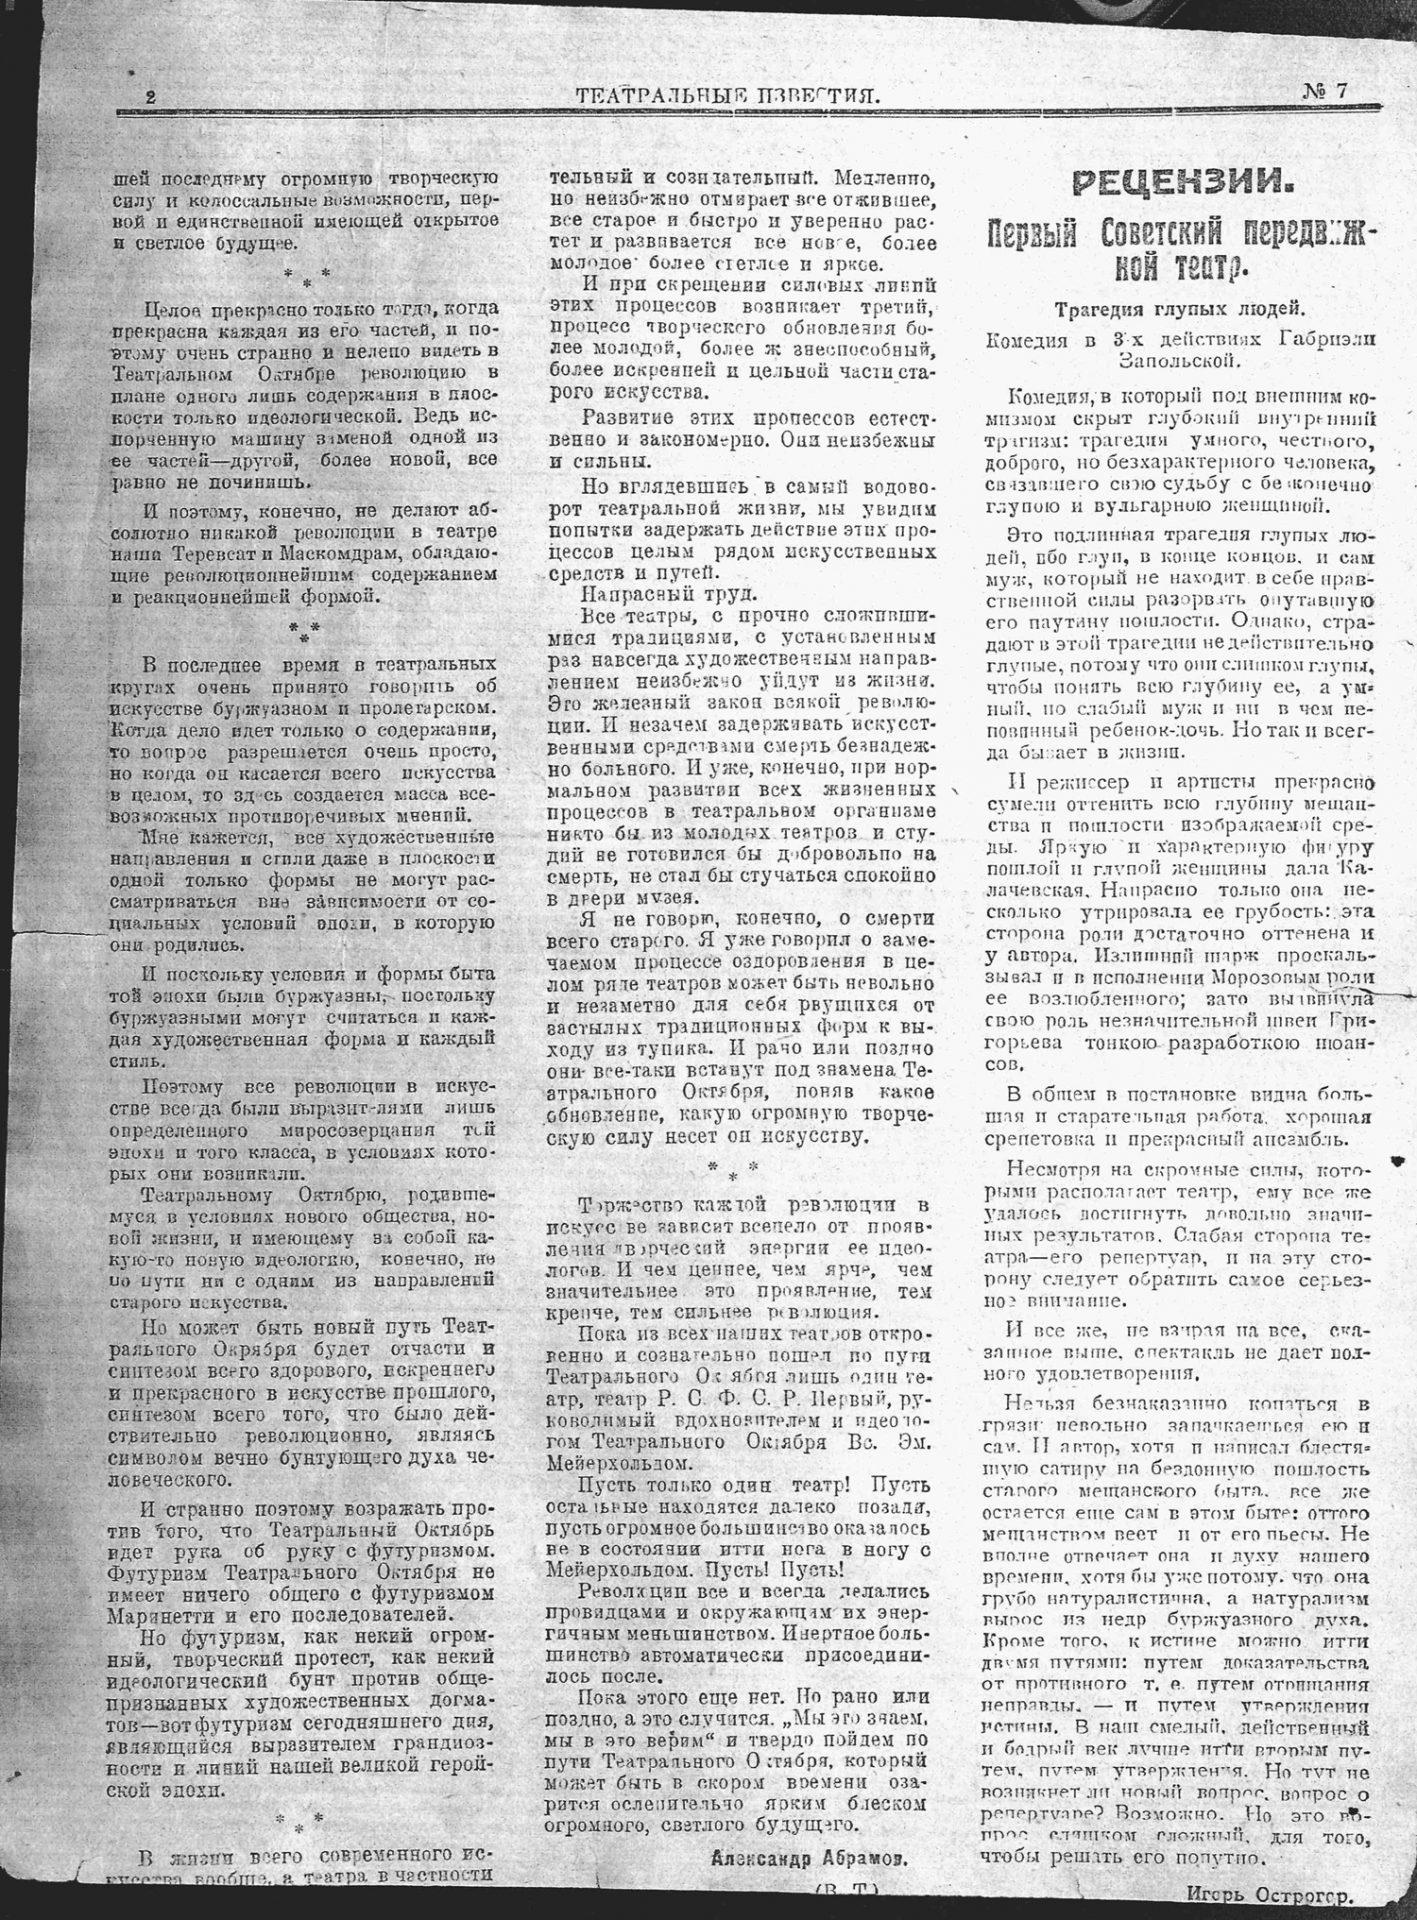 Театральные известия_1921_№7